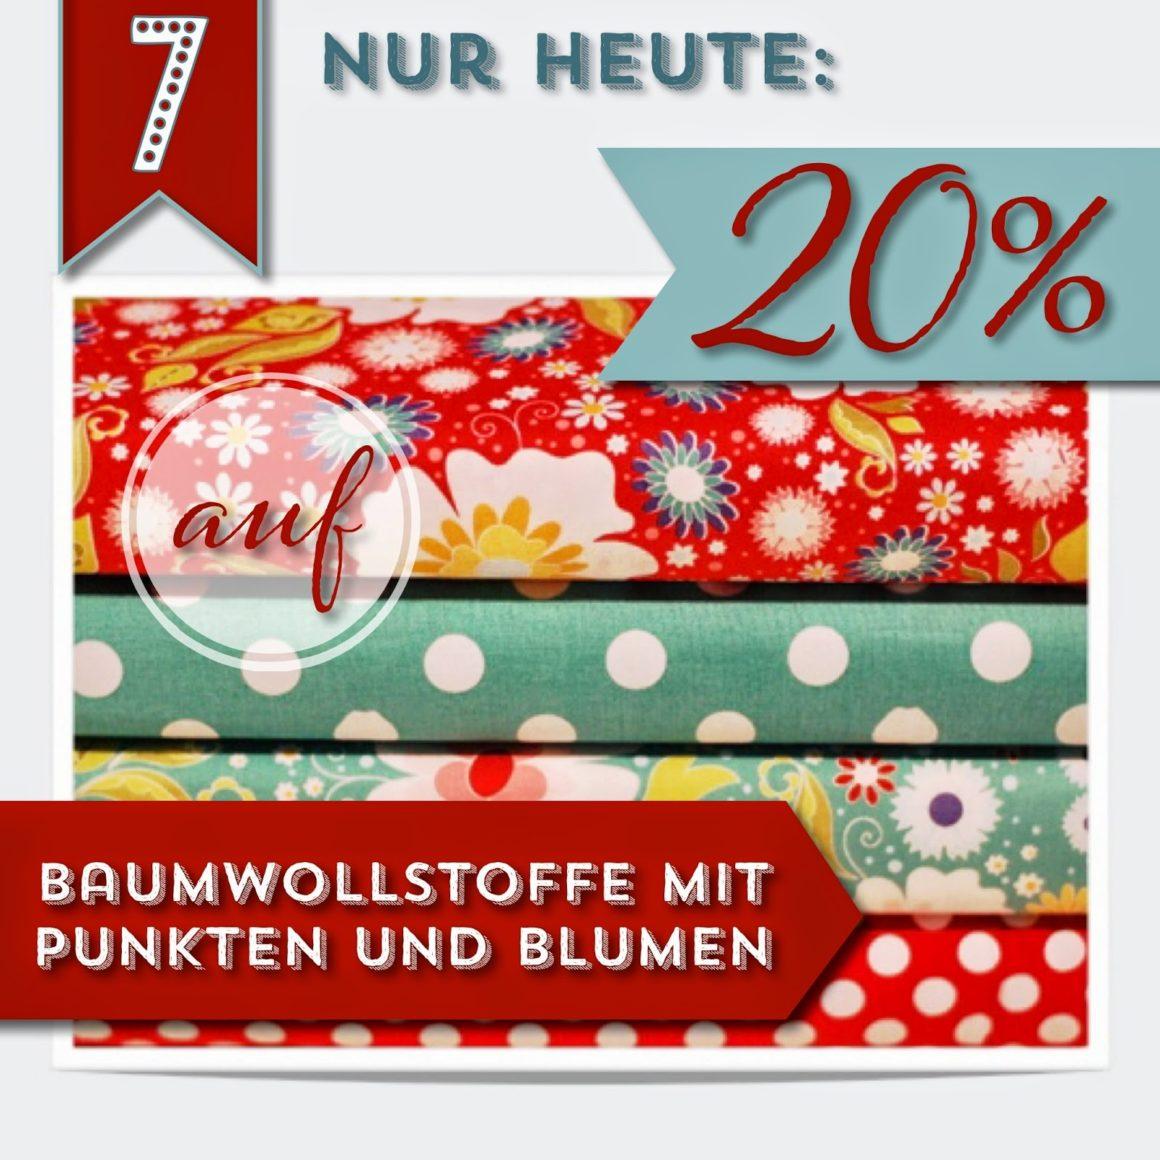 Türchen N°7 im Adventsmirakel: 20% auf Baumwollstoffe mit Punkten & Blumen!